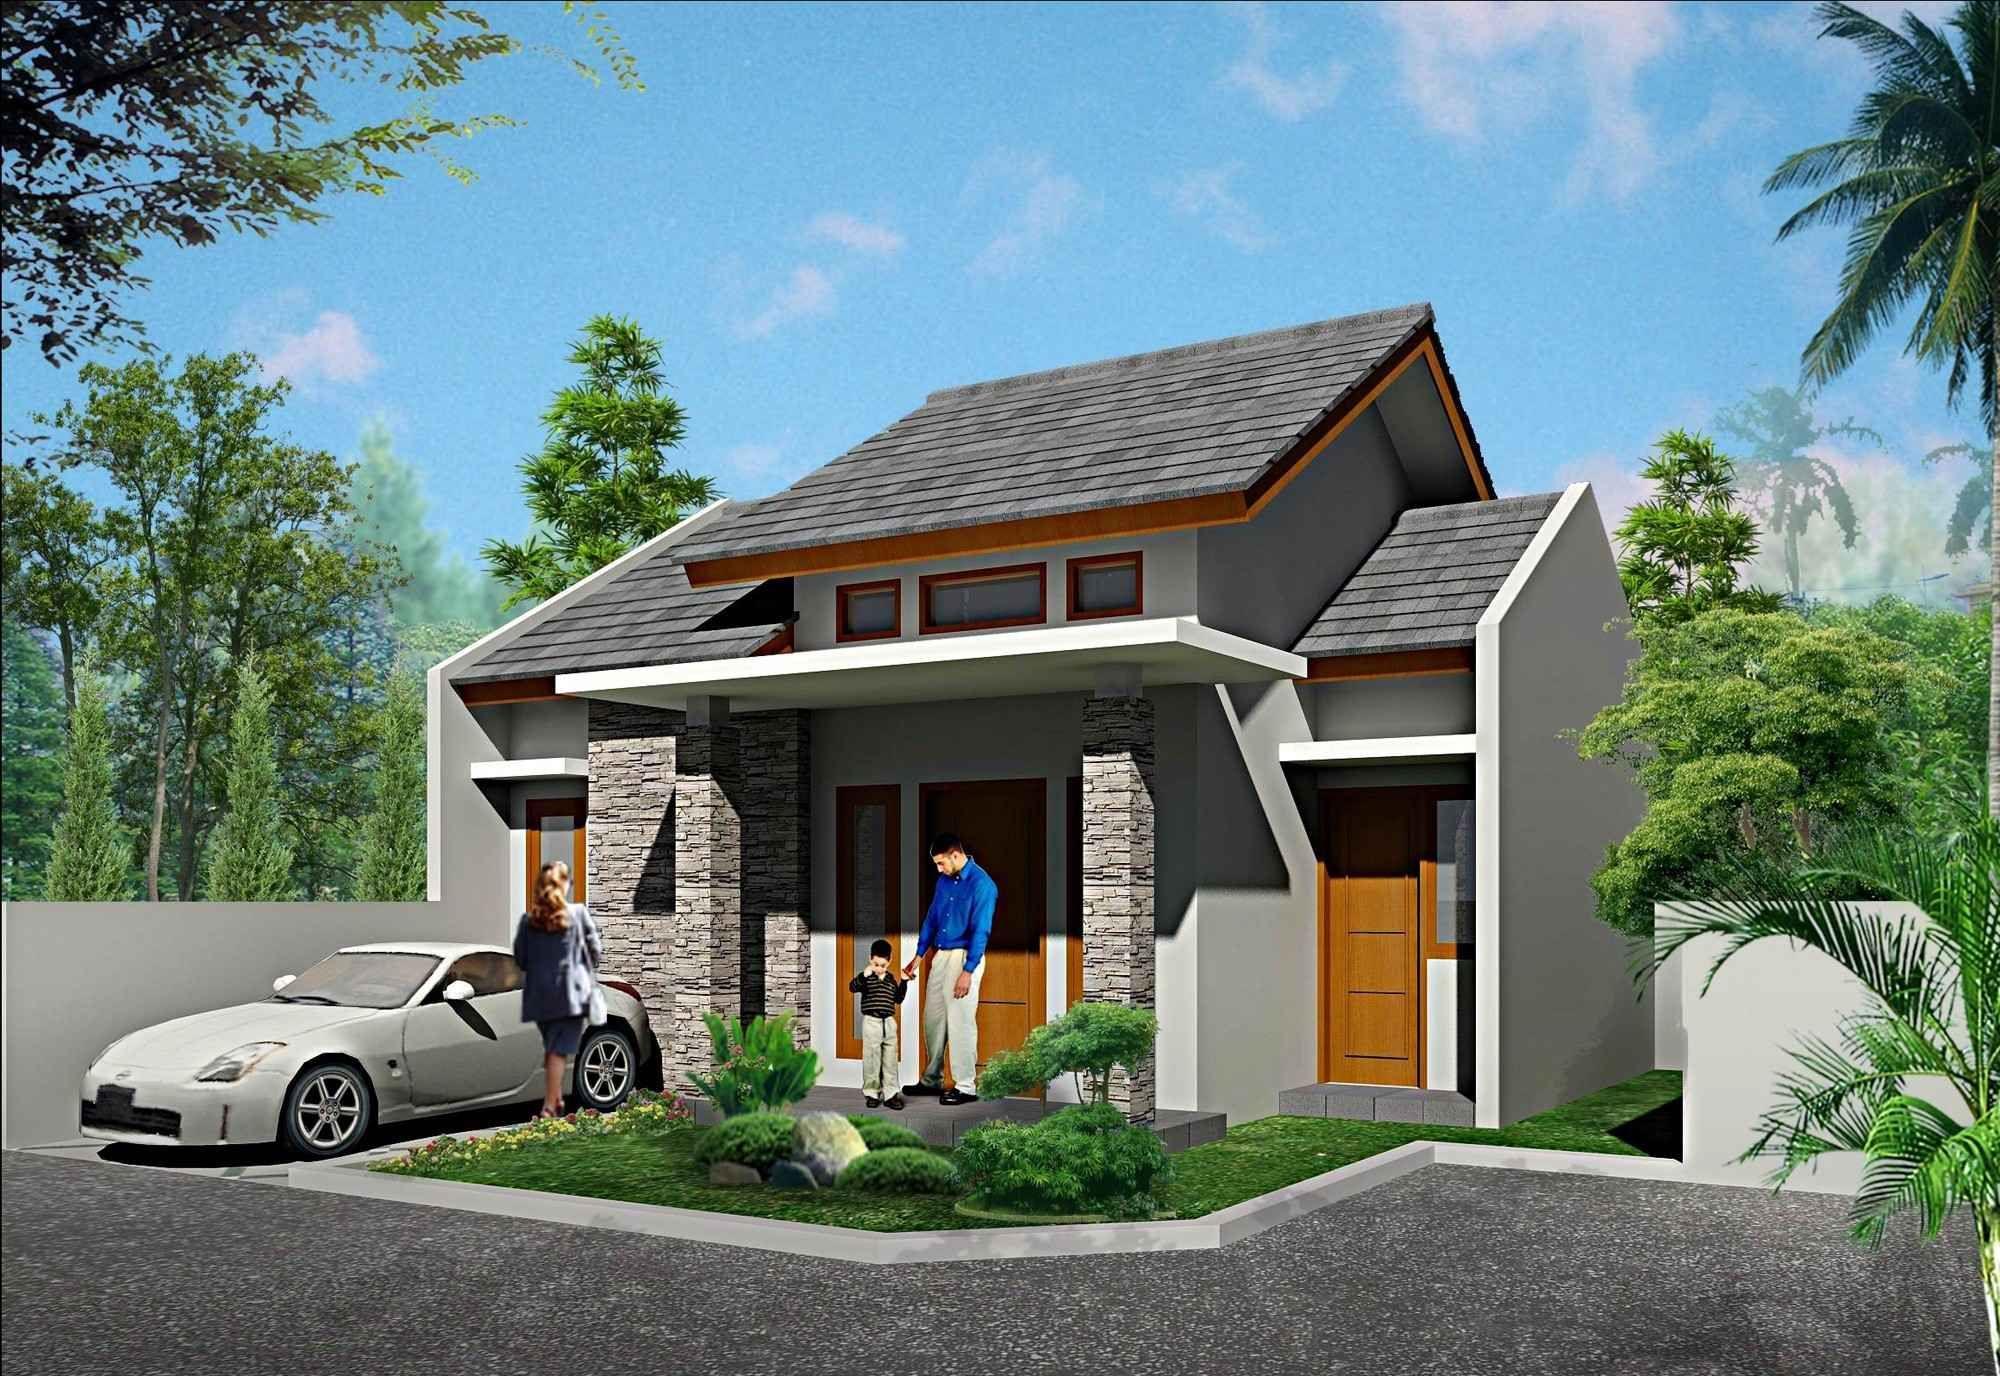 Desain Atap Rumah Interior